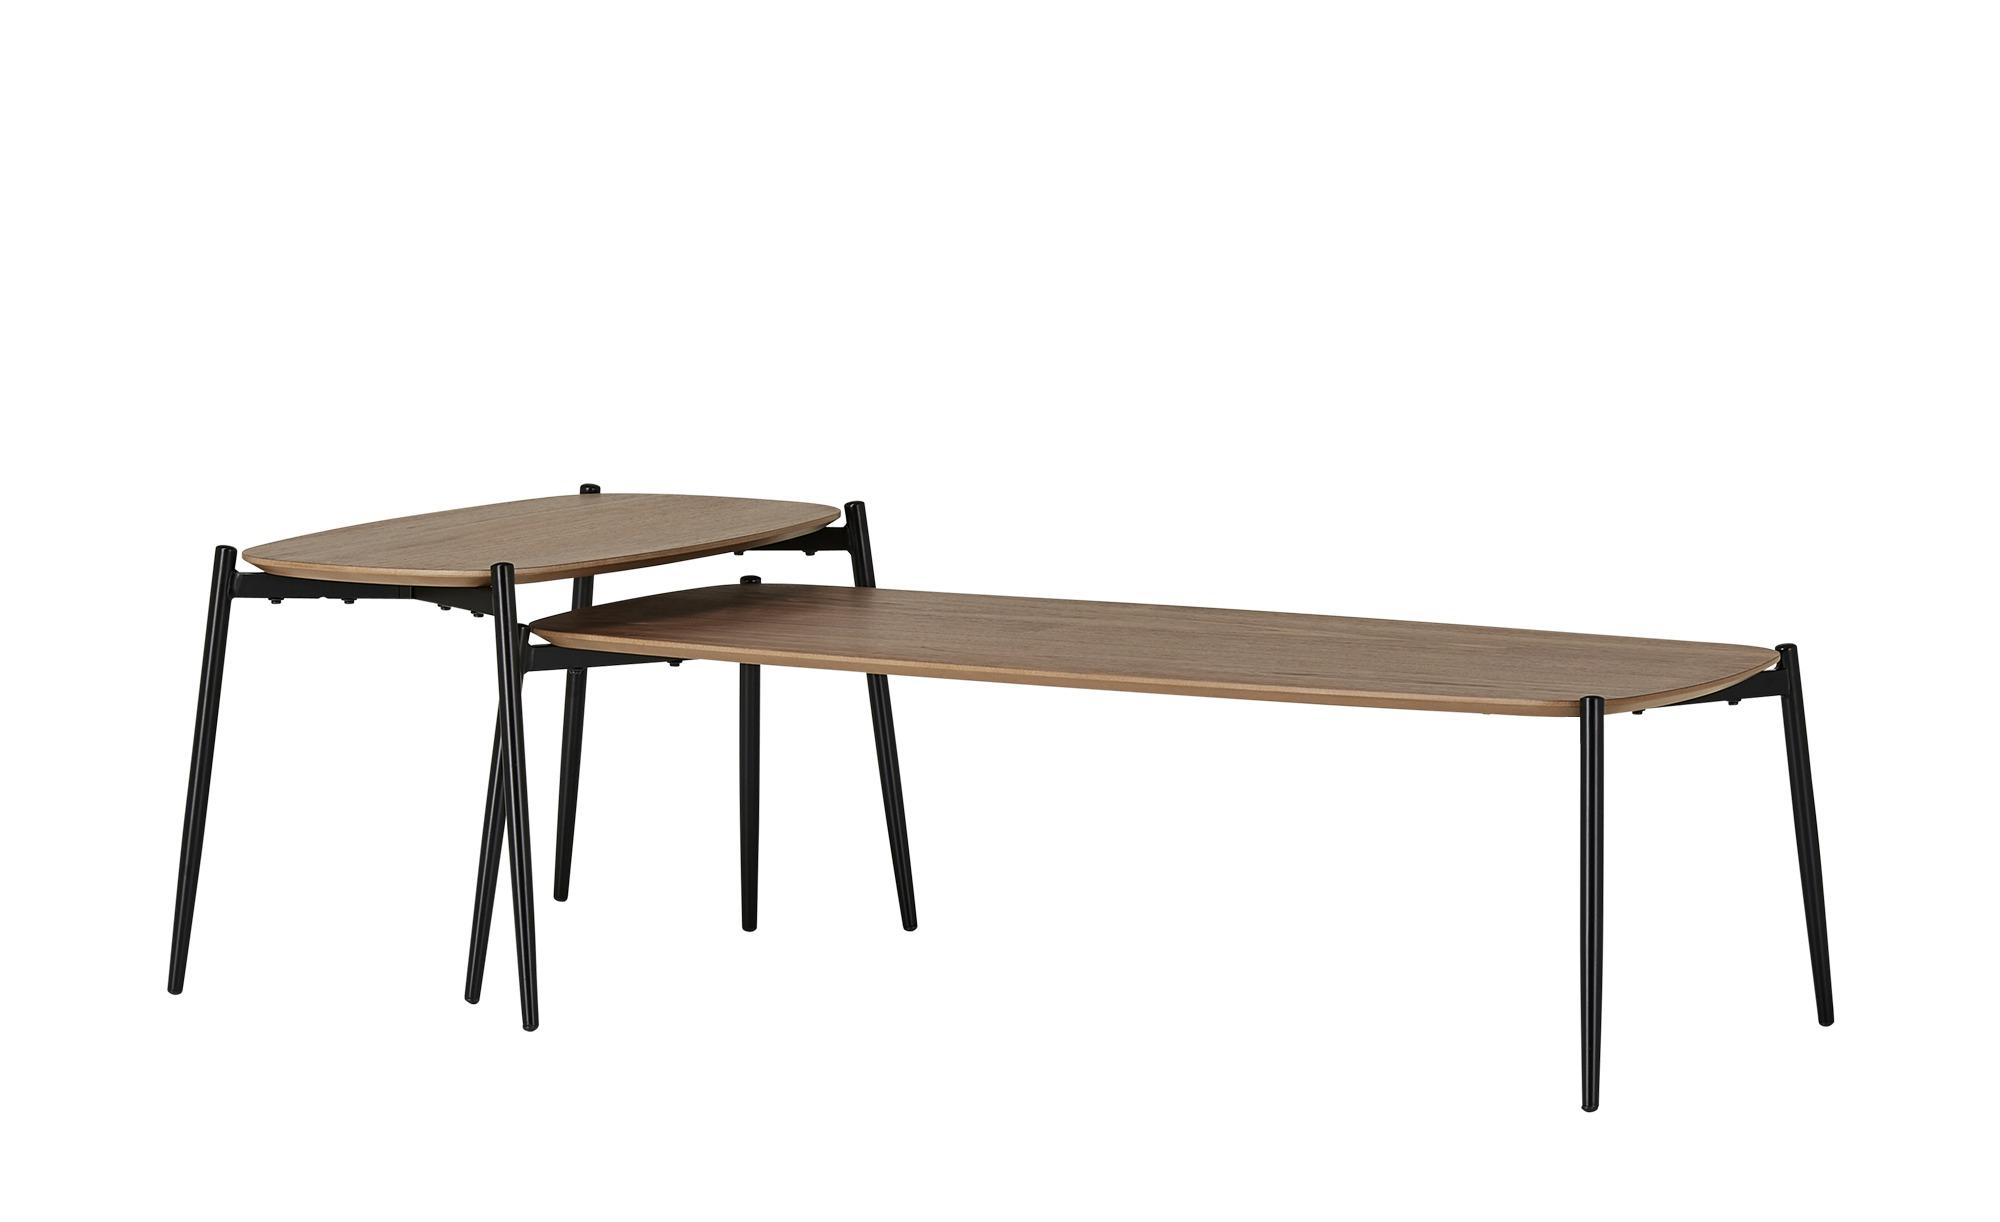 Couchtisch 2er-Set  Procida ¦ holzfarben ¦ Maße (cm): B: 50 H: 43,5 Tische > Couchtische > Couchtische rechteckig - Höffner